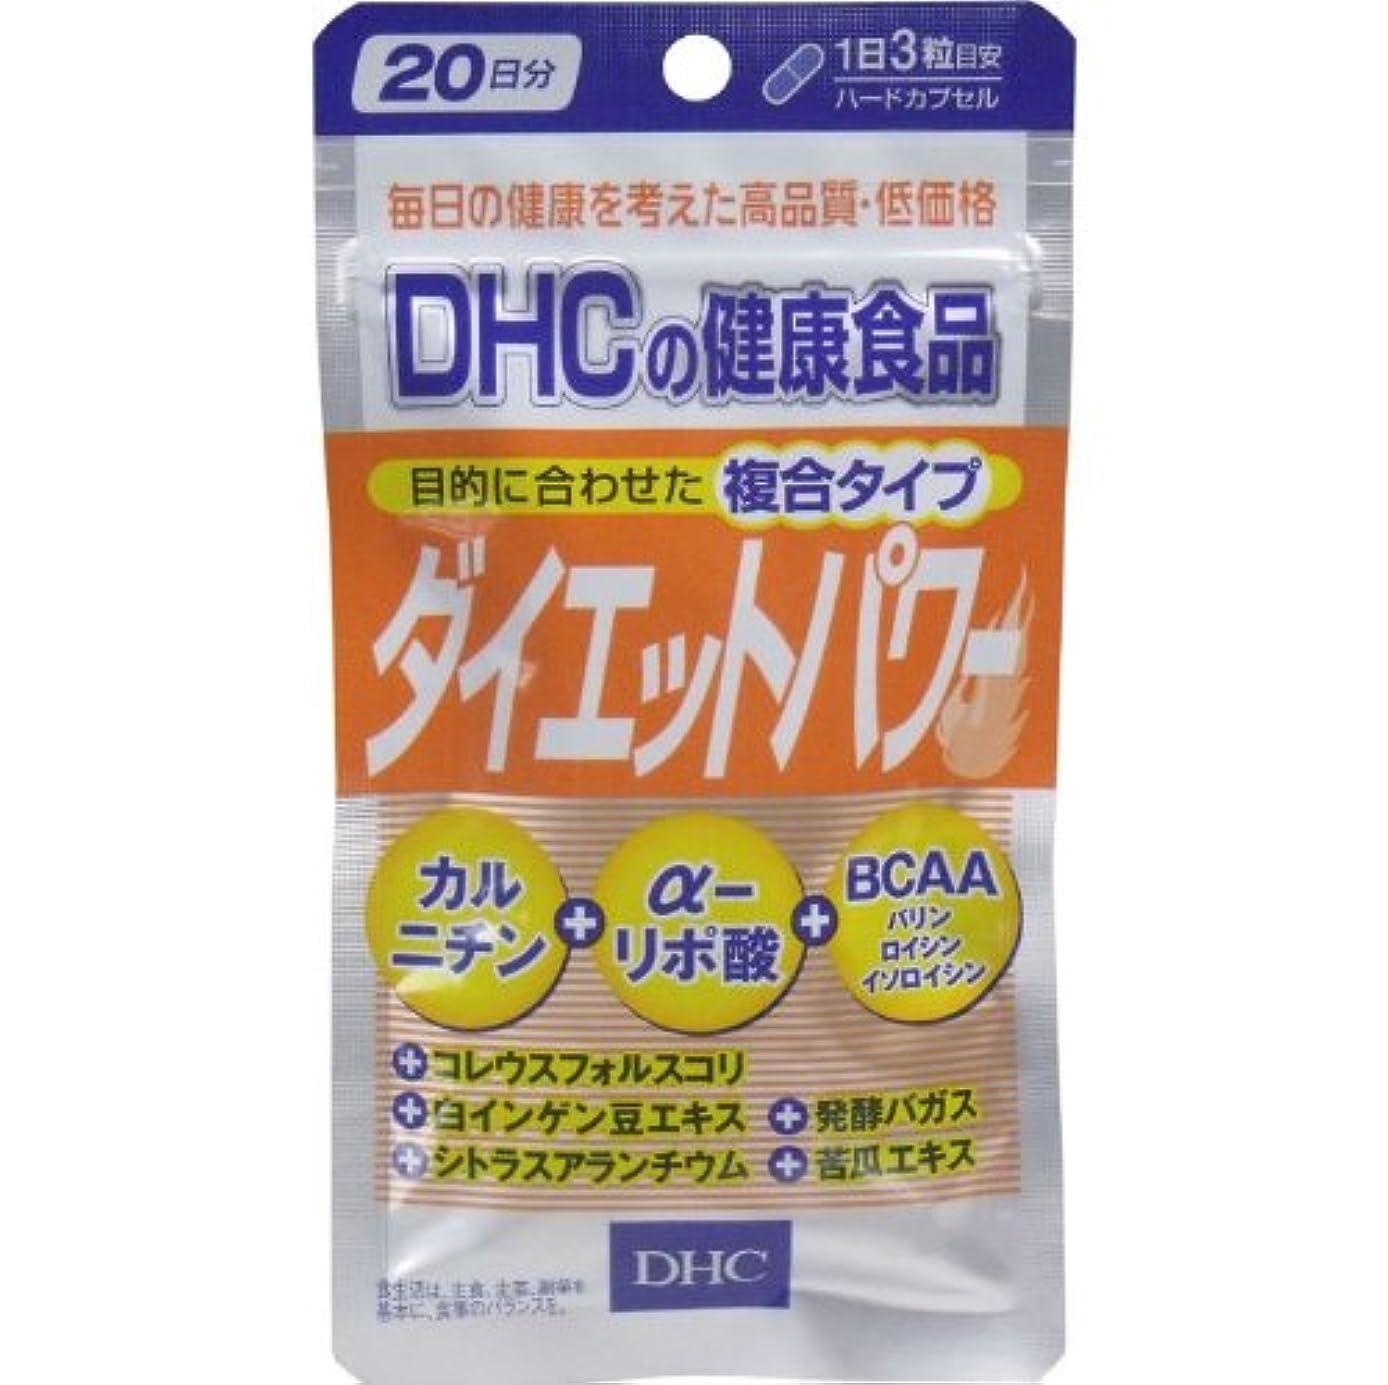 科学的繕うエジプト人DHC ダイエットパワー 60粒入 20日分「3点セット」